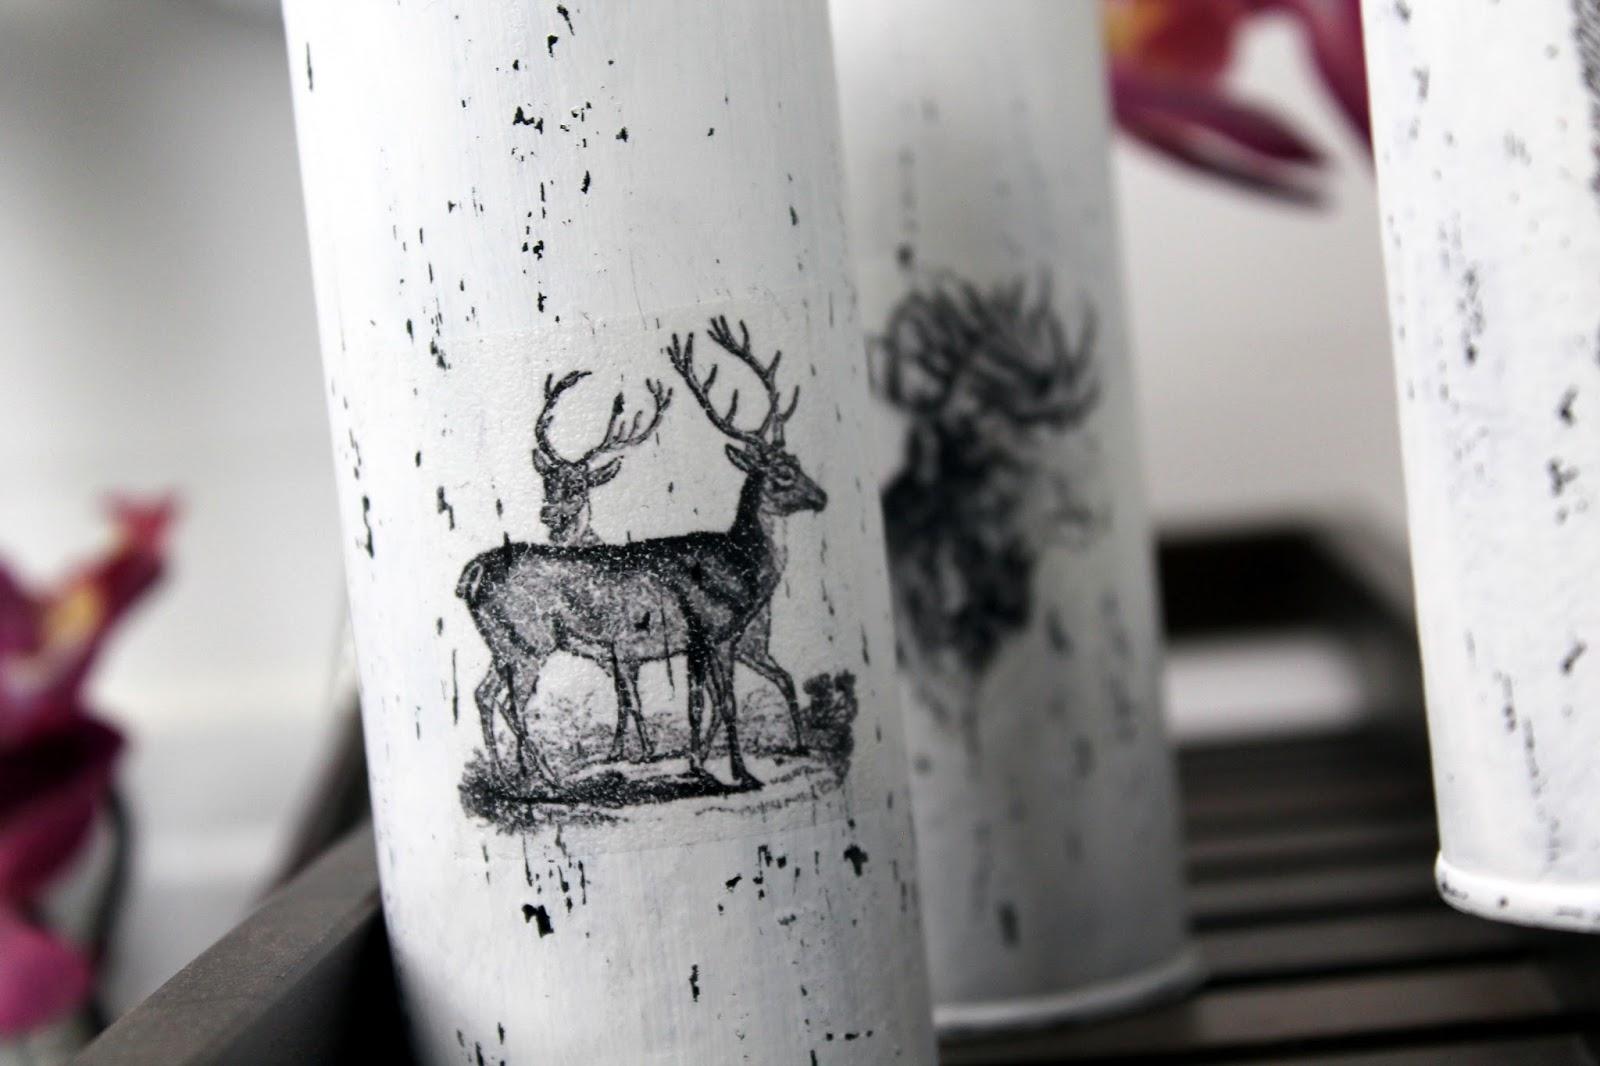 DIY, Basteln: Kneipp® Badeperlen Verpackungsrecylcing im Shabby Chic Look mit Weihnachtsmotiv in Weihnachtsgeschenke, Weihnachten, Geschenke, Geschenkideen und Dekoration - DIYCarinchen